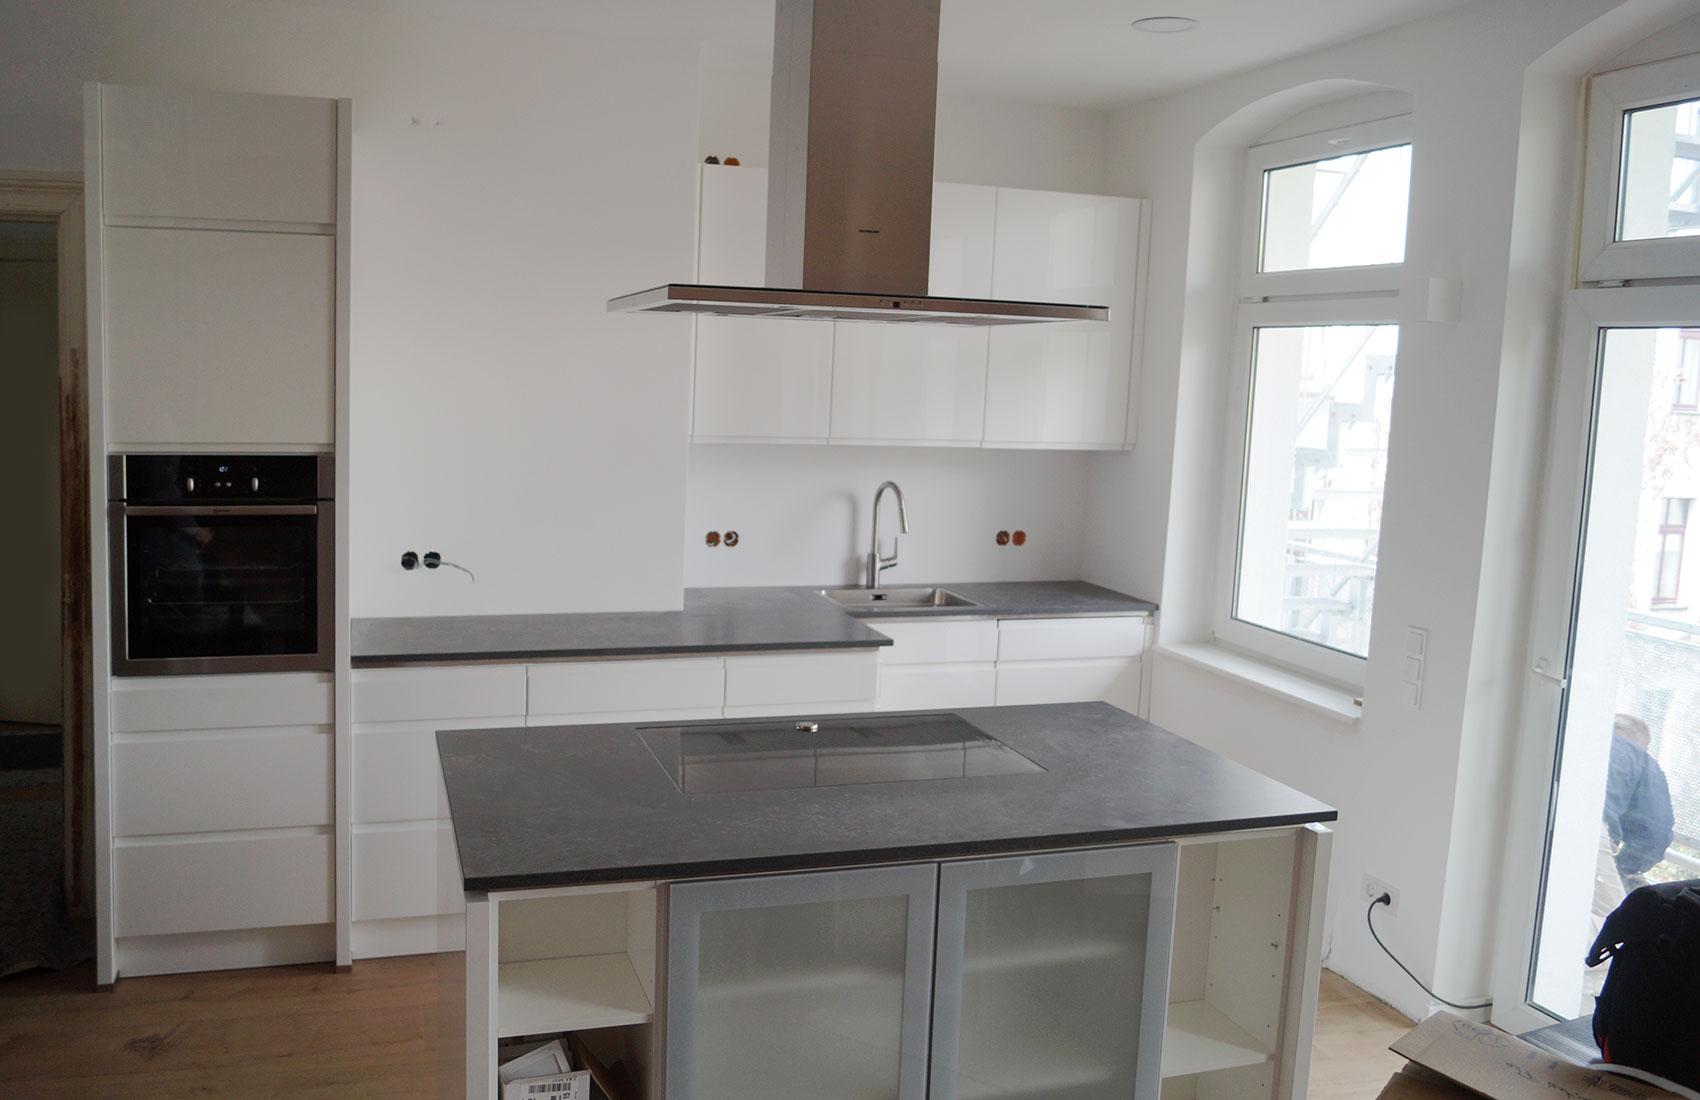 Großzügig Küche Und Bad Messen Fotos - Küche Set Ideen ...